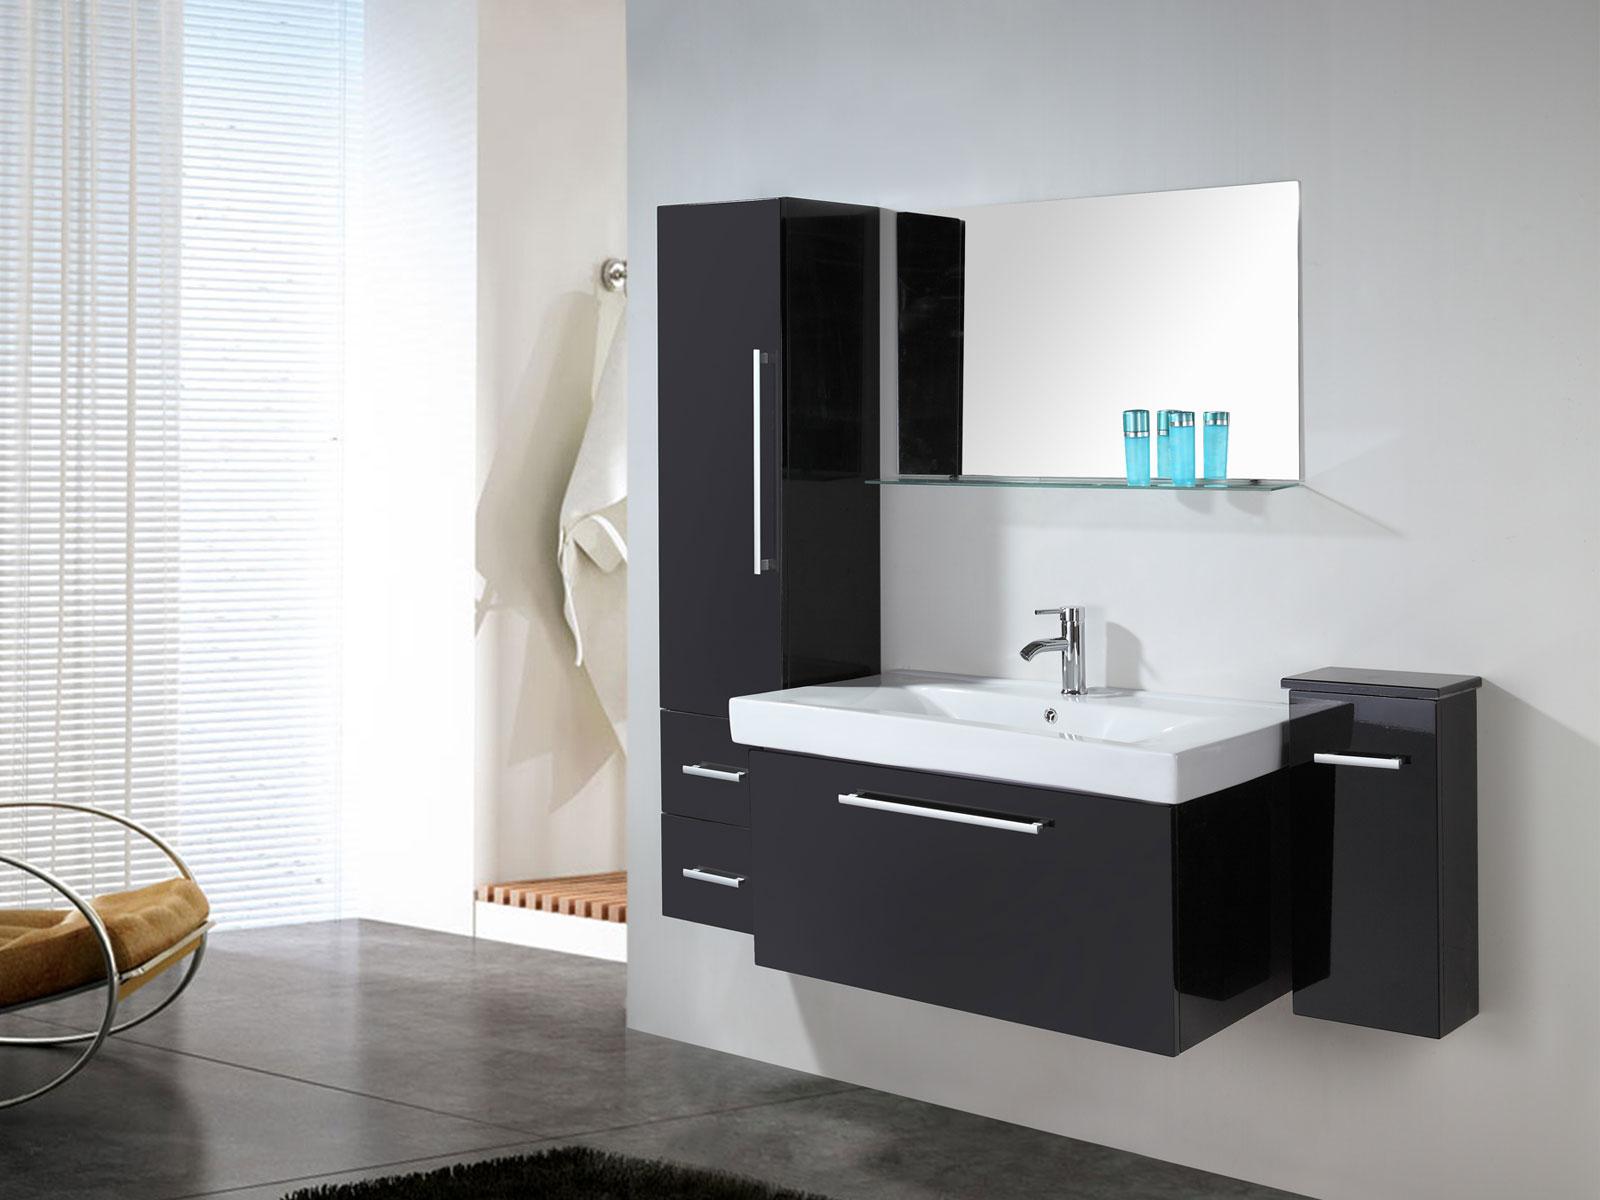 Mobile arredo bagno arredobagno london 100 cm rubinetteria - Arredo bagno ebay ...